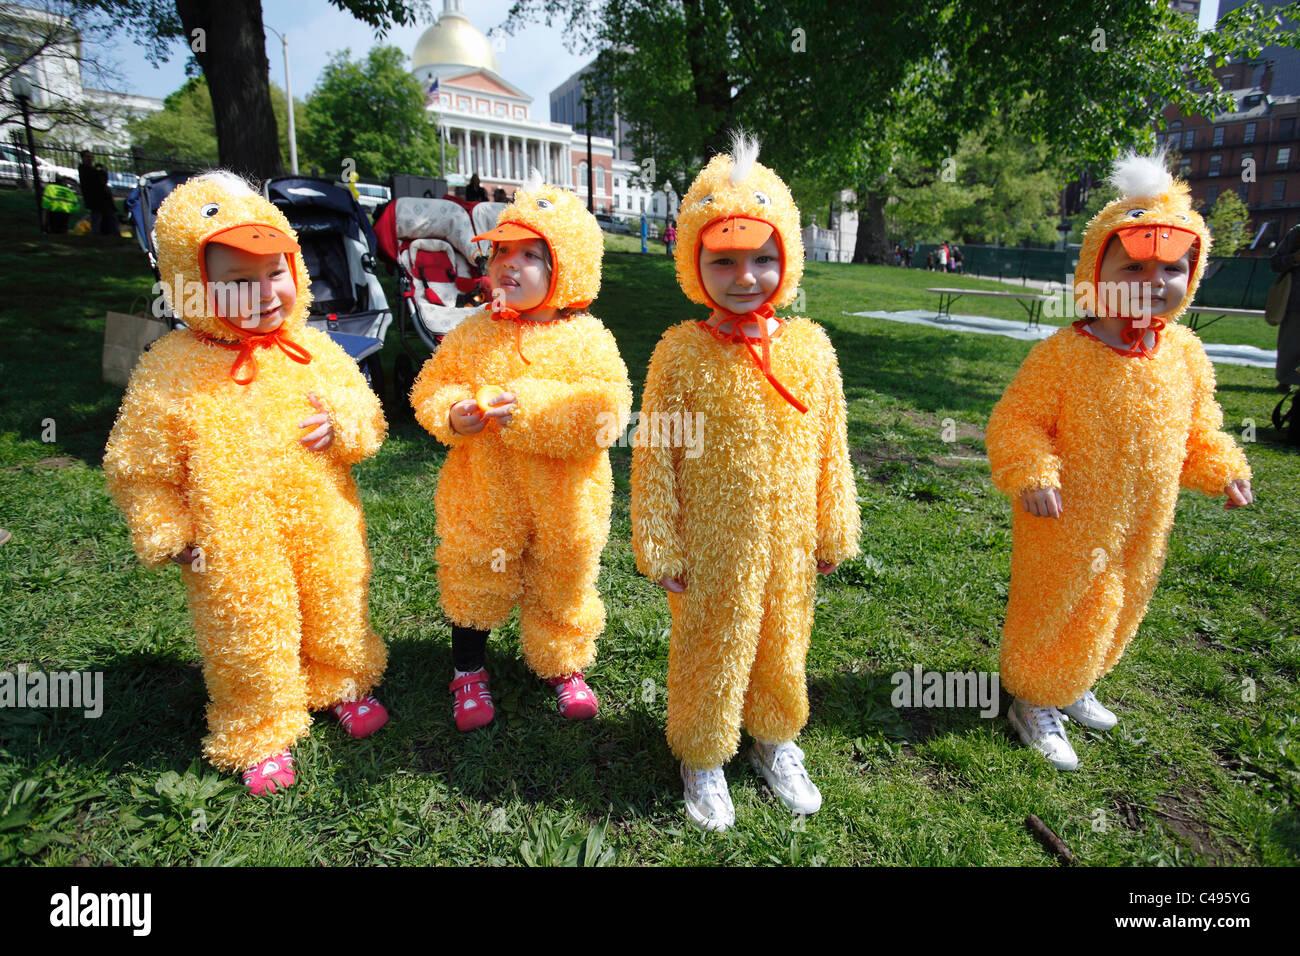 Niños vestidos con trajes de Pato Patito, evento de día por la casa estatal de Boston Common, Boston, Imagen De Stock